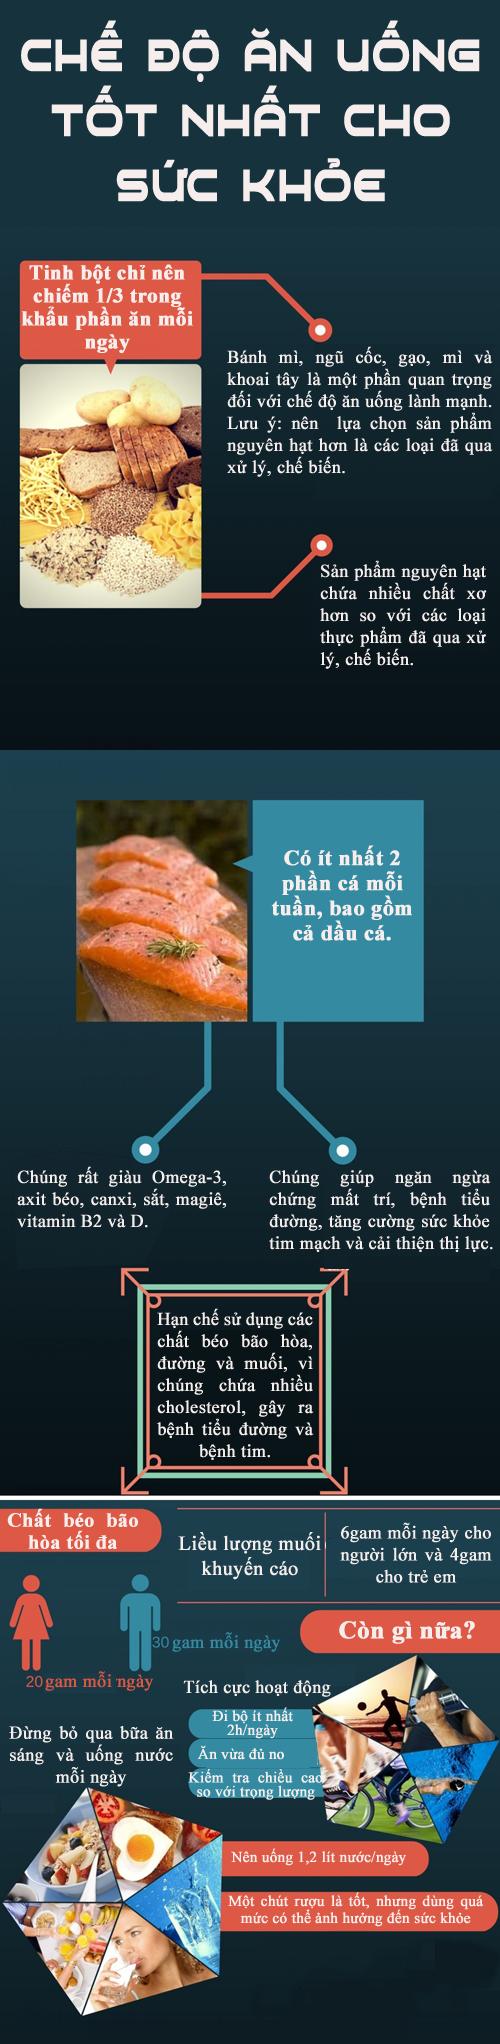 Che-do-an-uong-hop-ly-9059-1412438428.pn